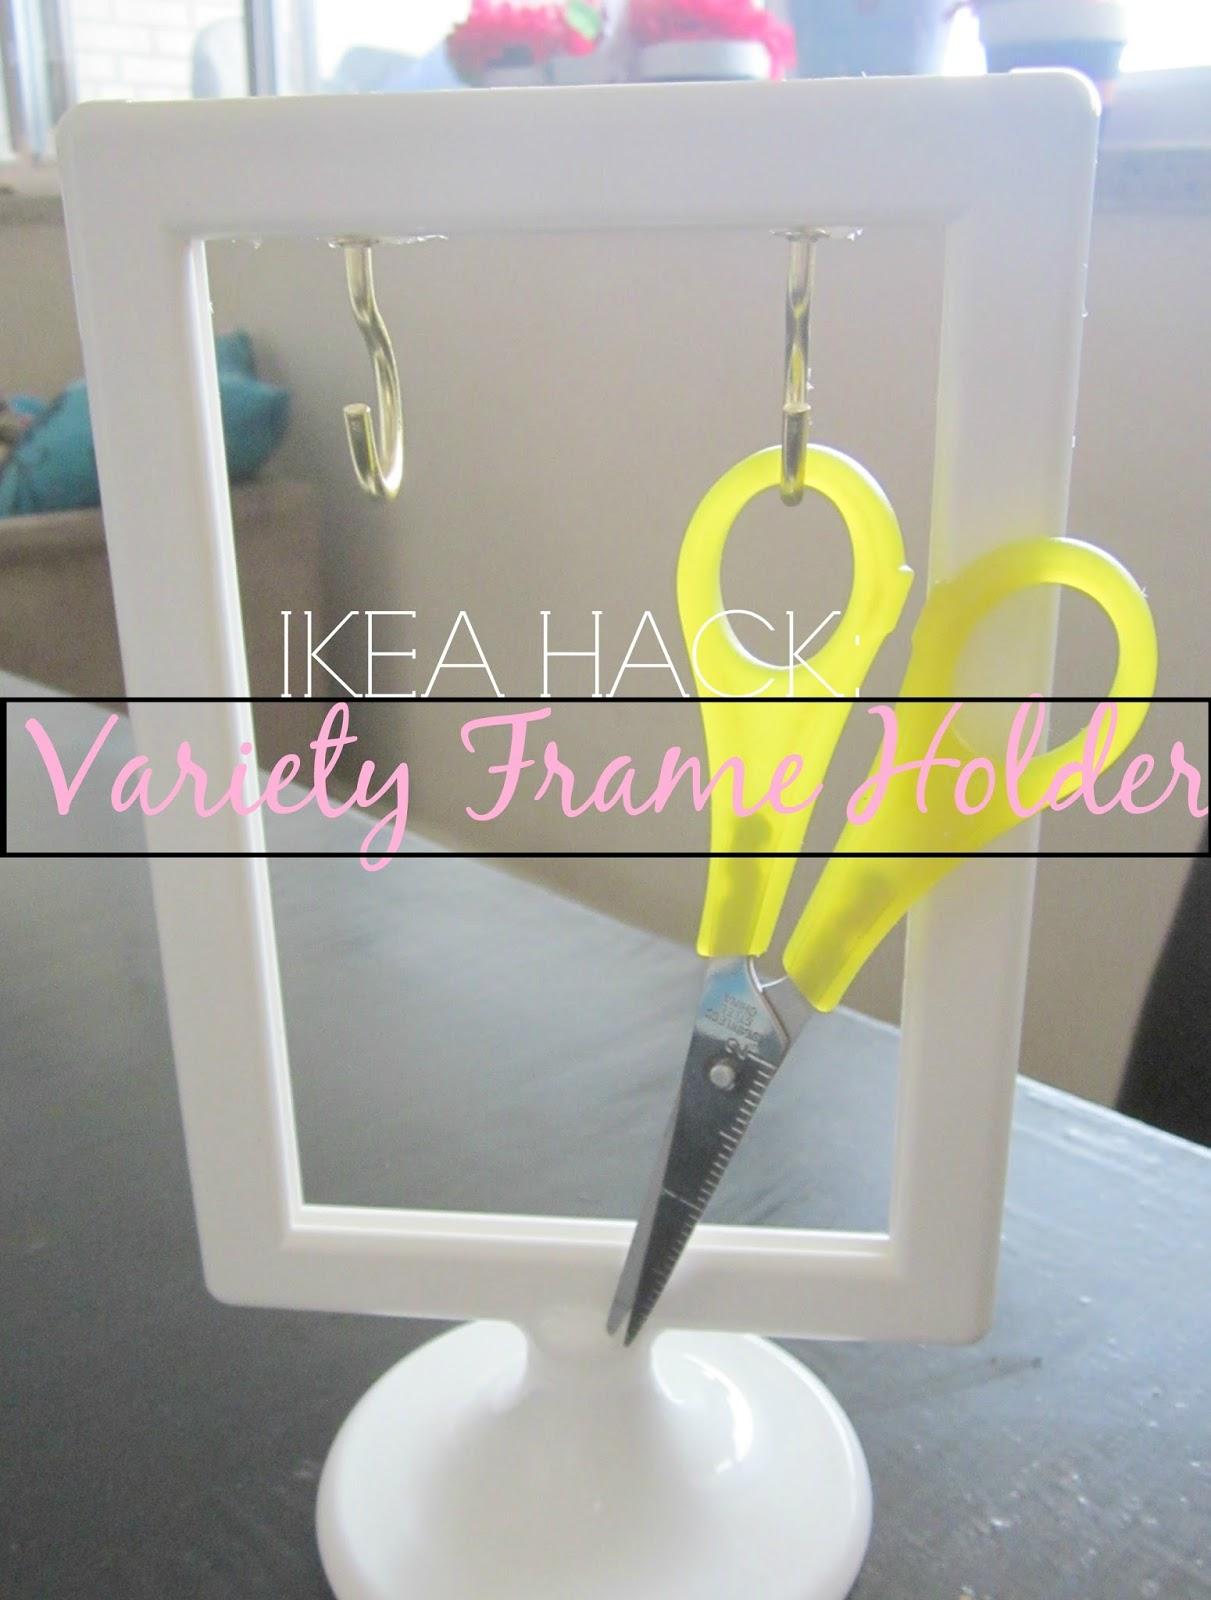 Ikea Hack Variety Frame Holder